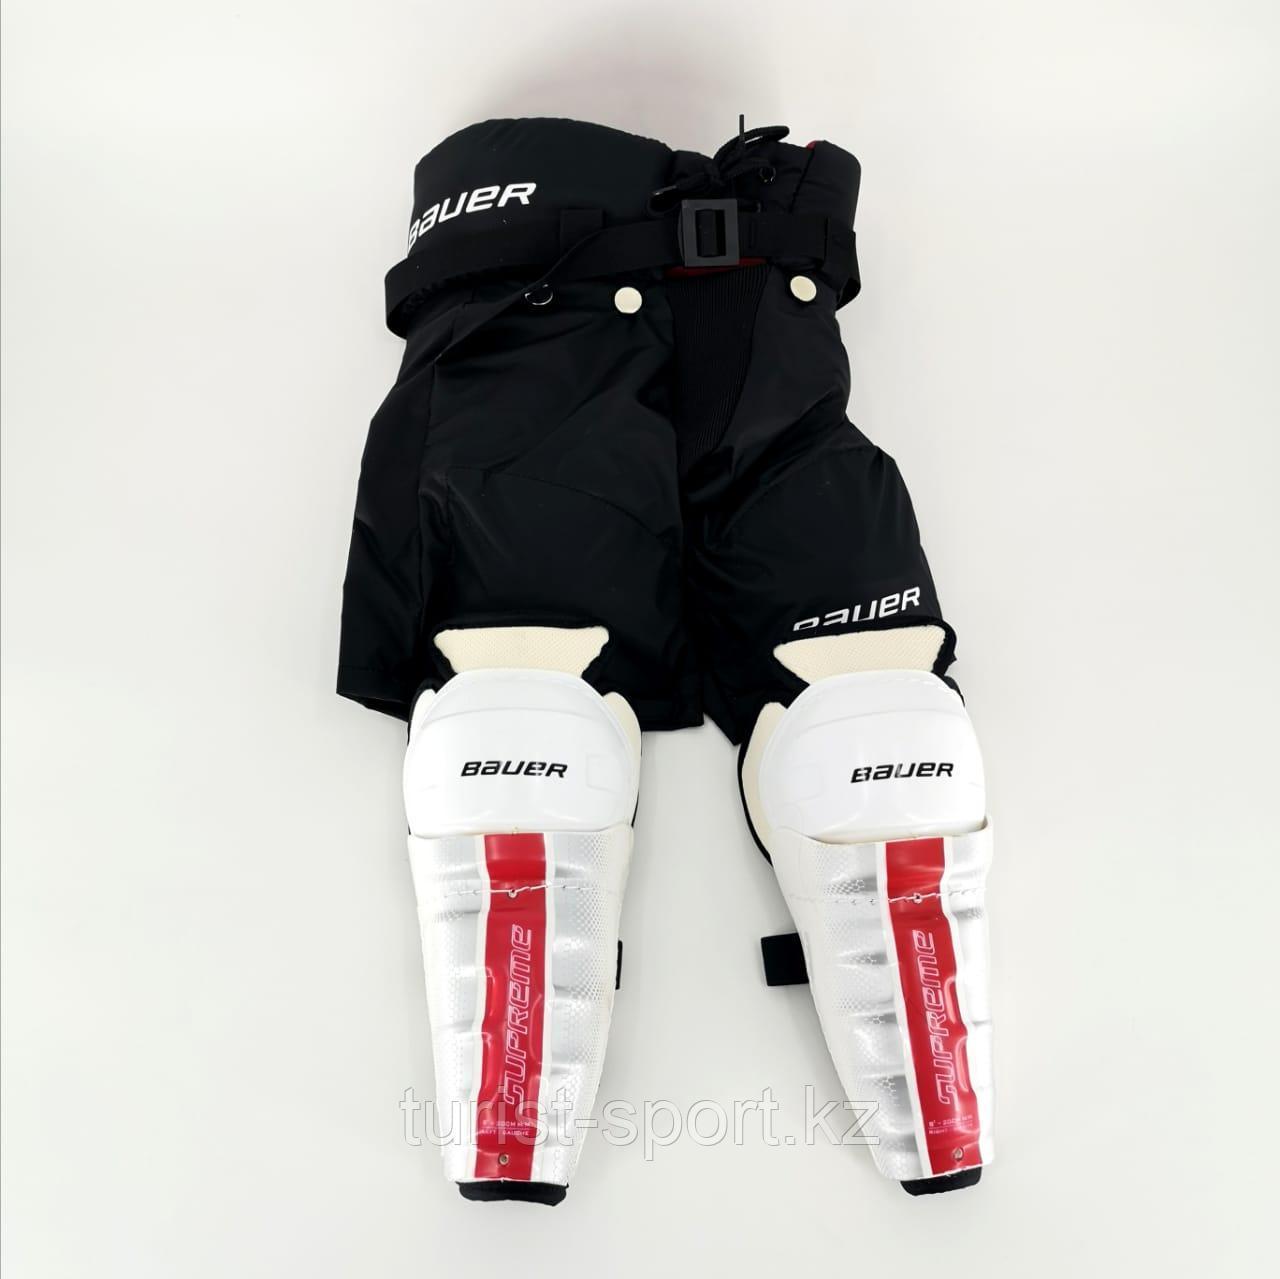 Набор для хоккея детский